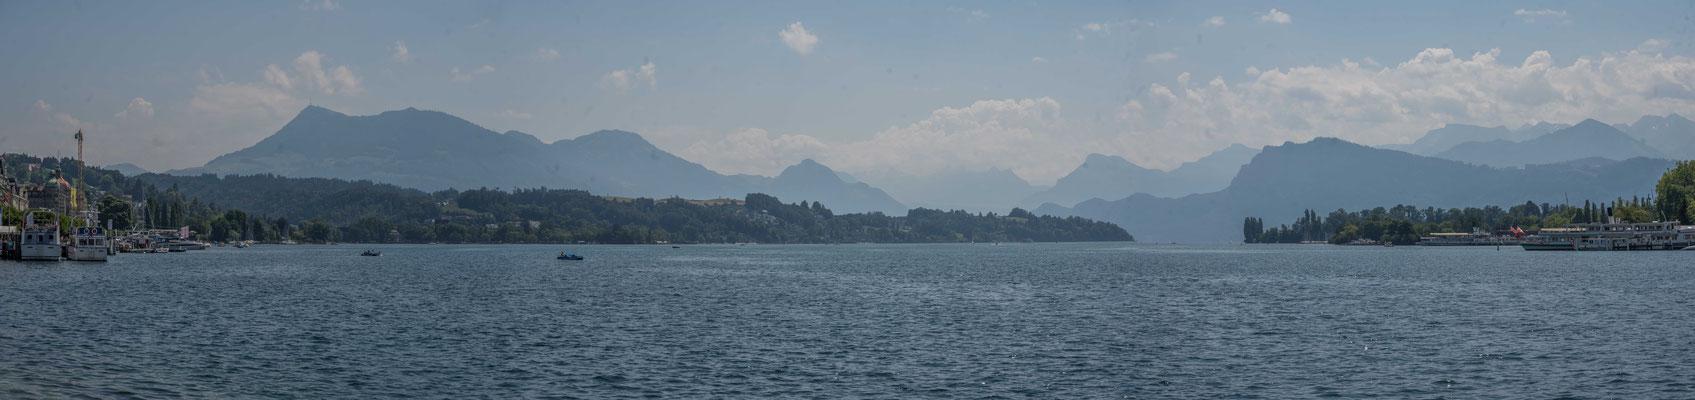 Vierwaldstättersee bei Luzern